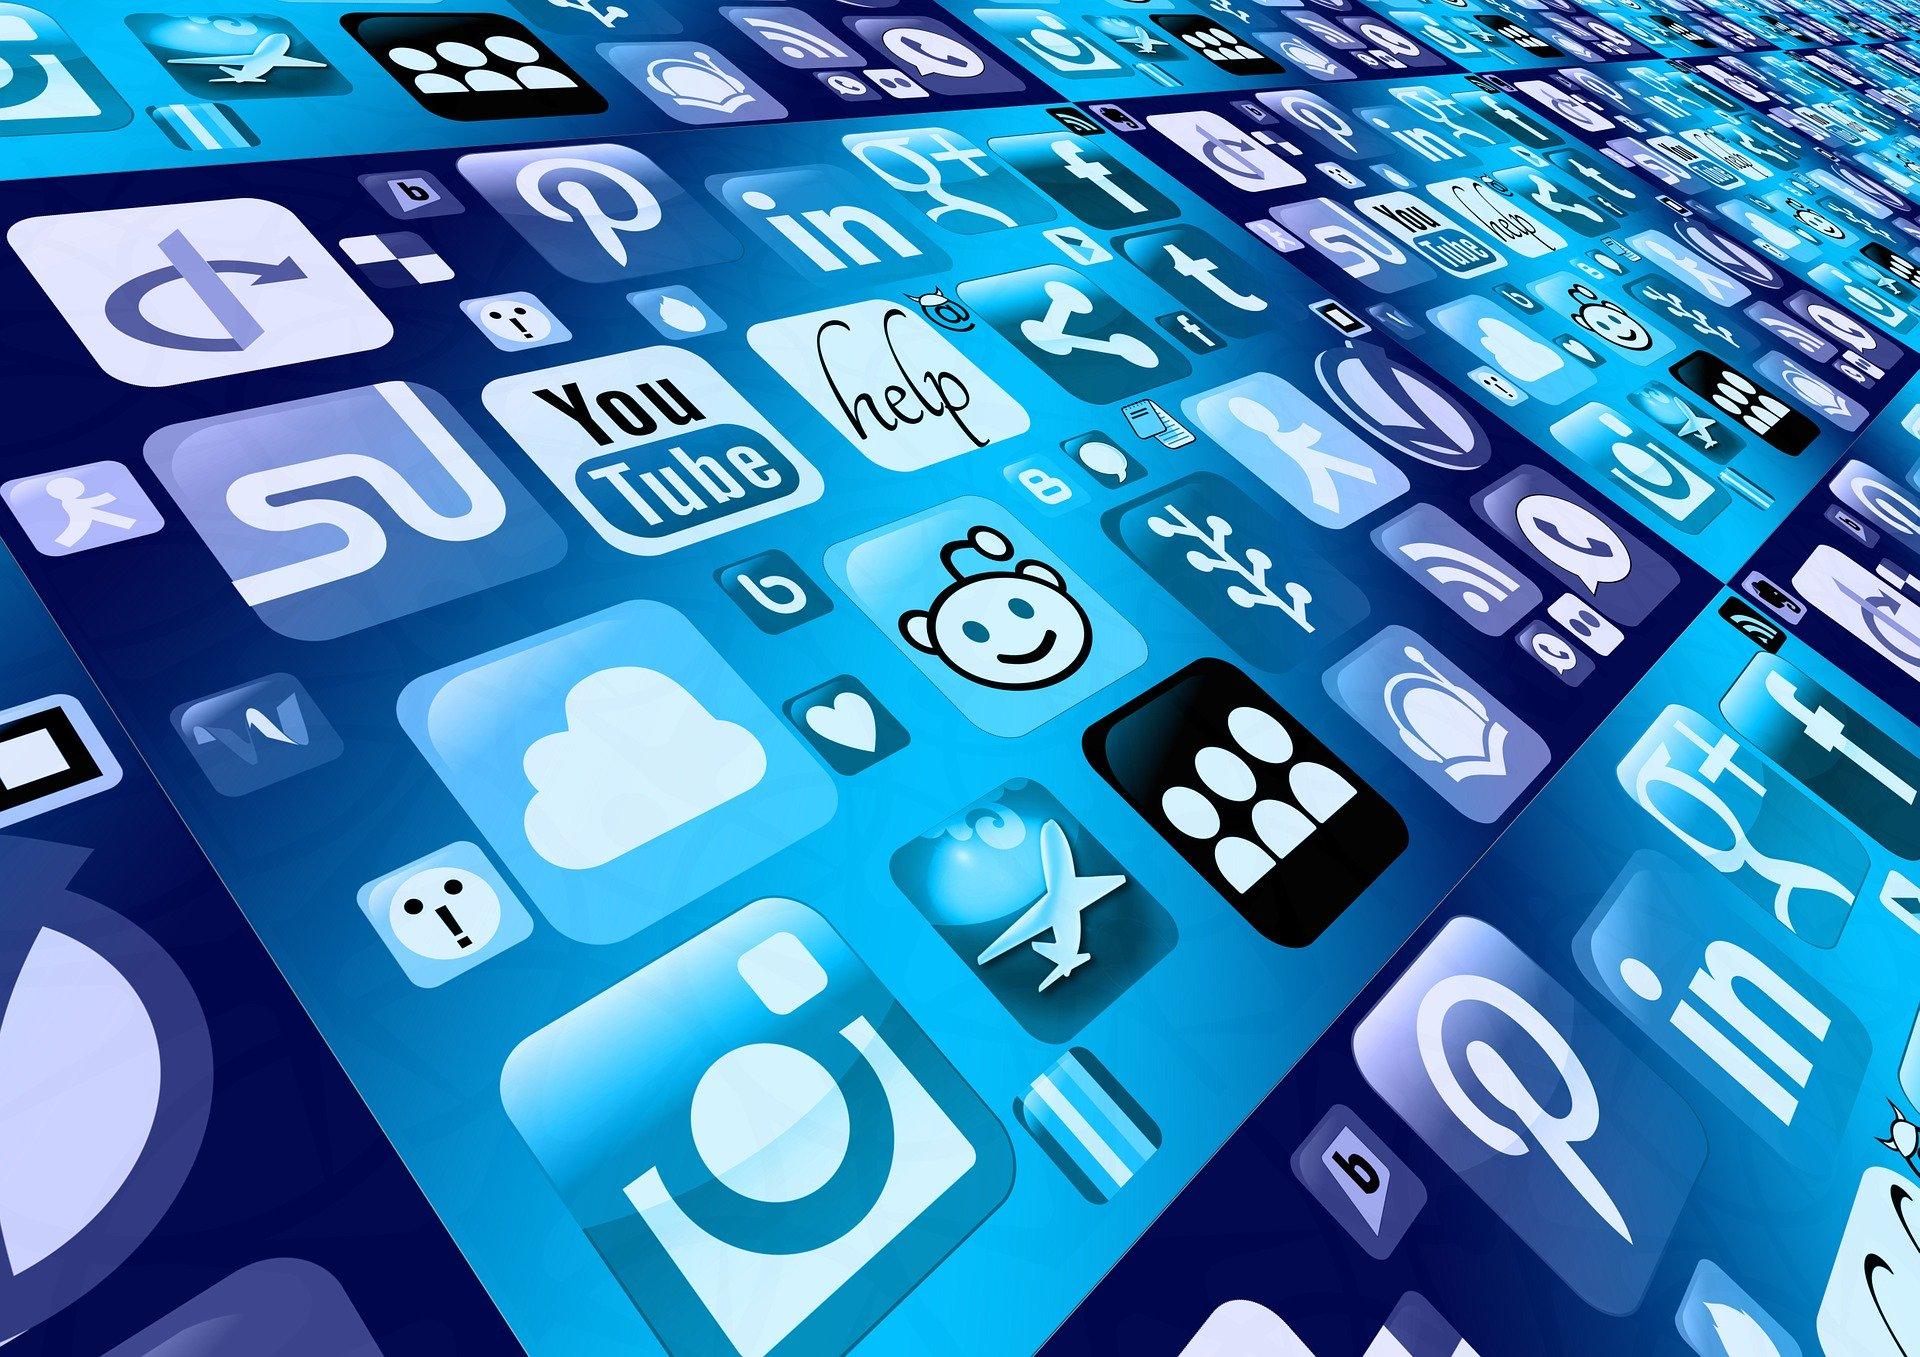 I will create 150 highy authority social media profiles seo backlinks